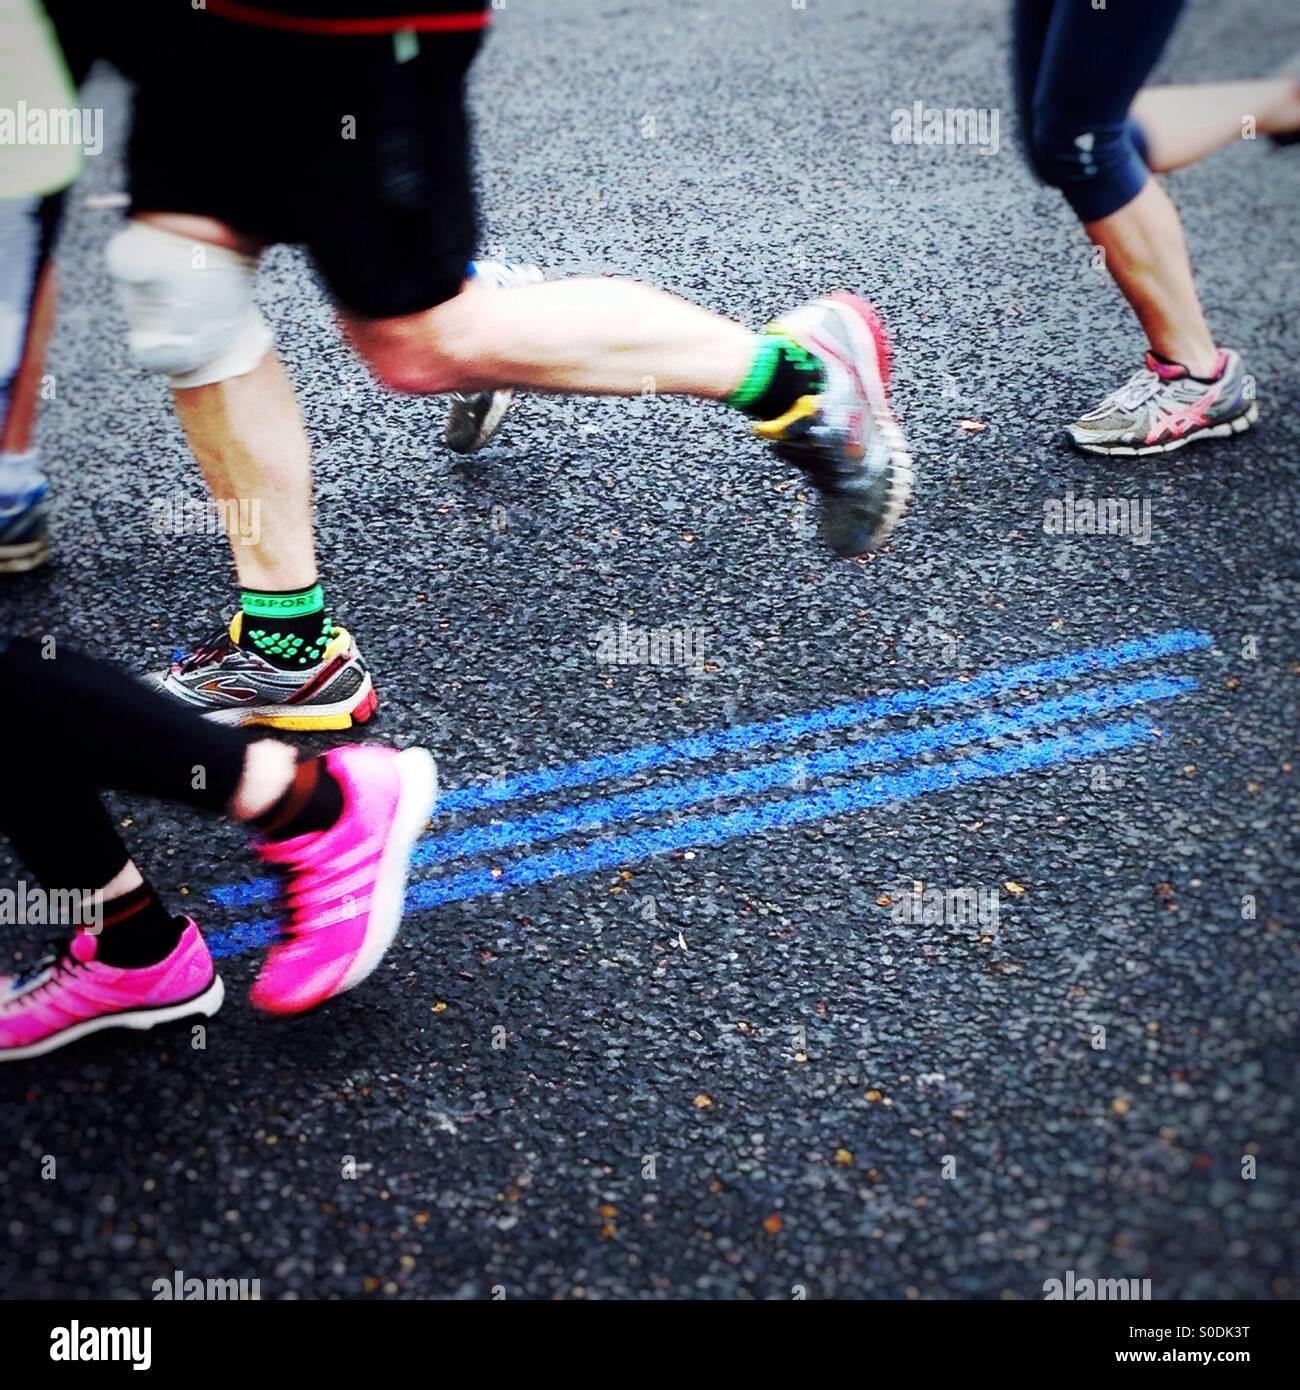 Folgen Sie der blauen Linie. Virgin Money London Marathon 2015 Stockbild